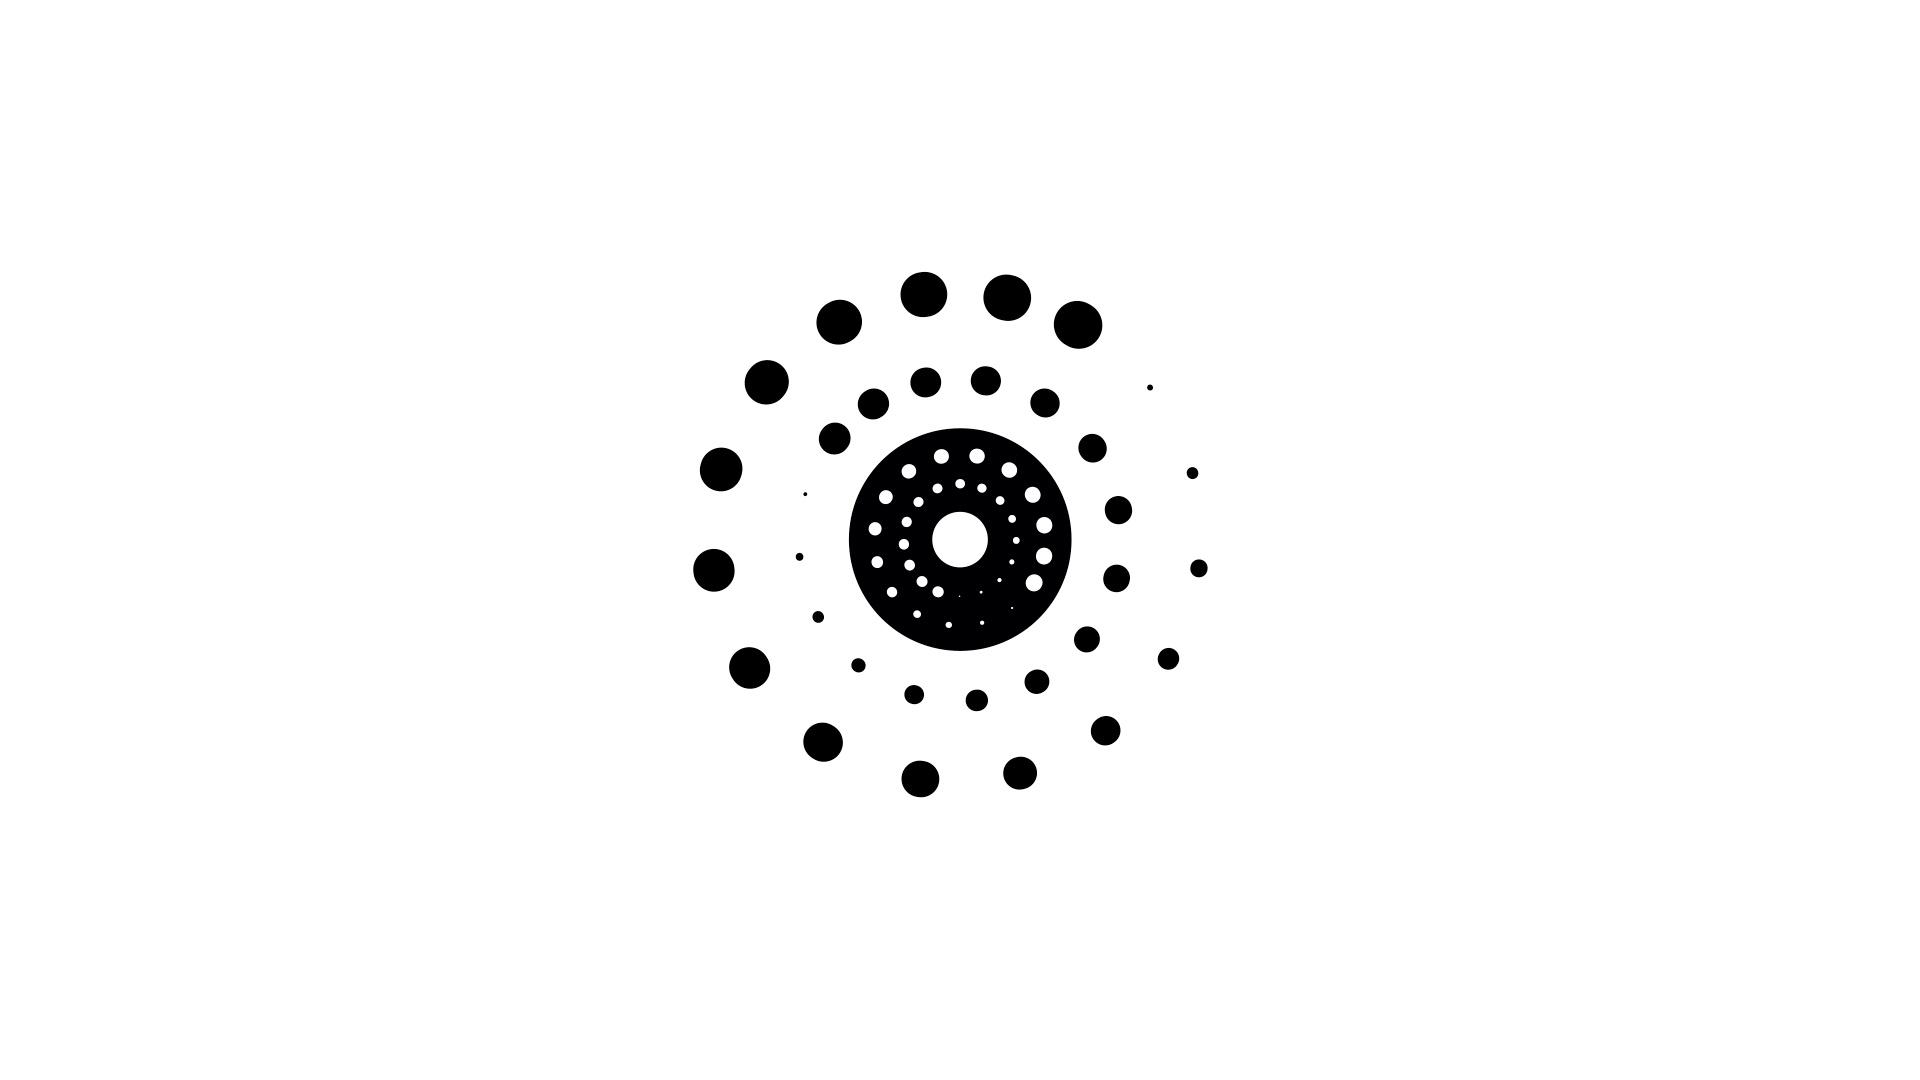 Quantium_Stills_12.jpg